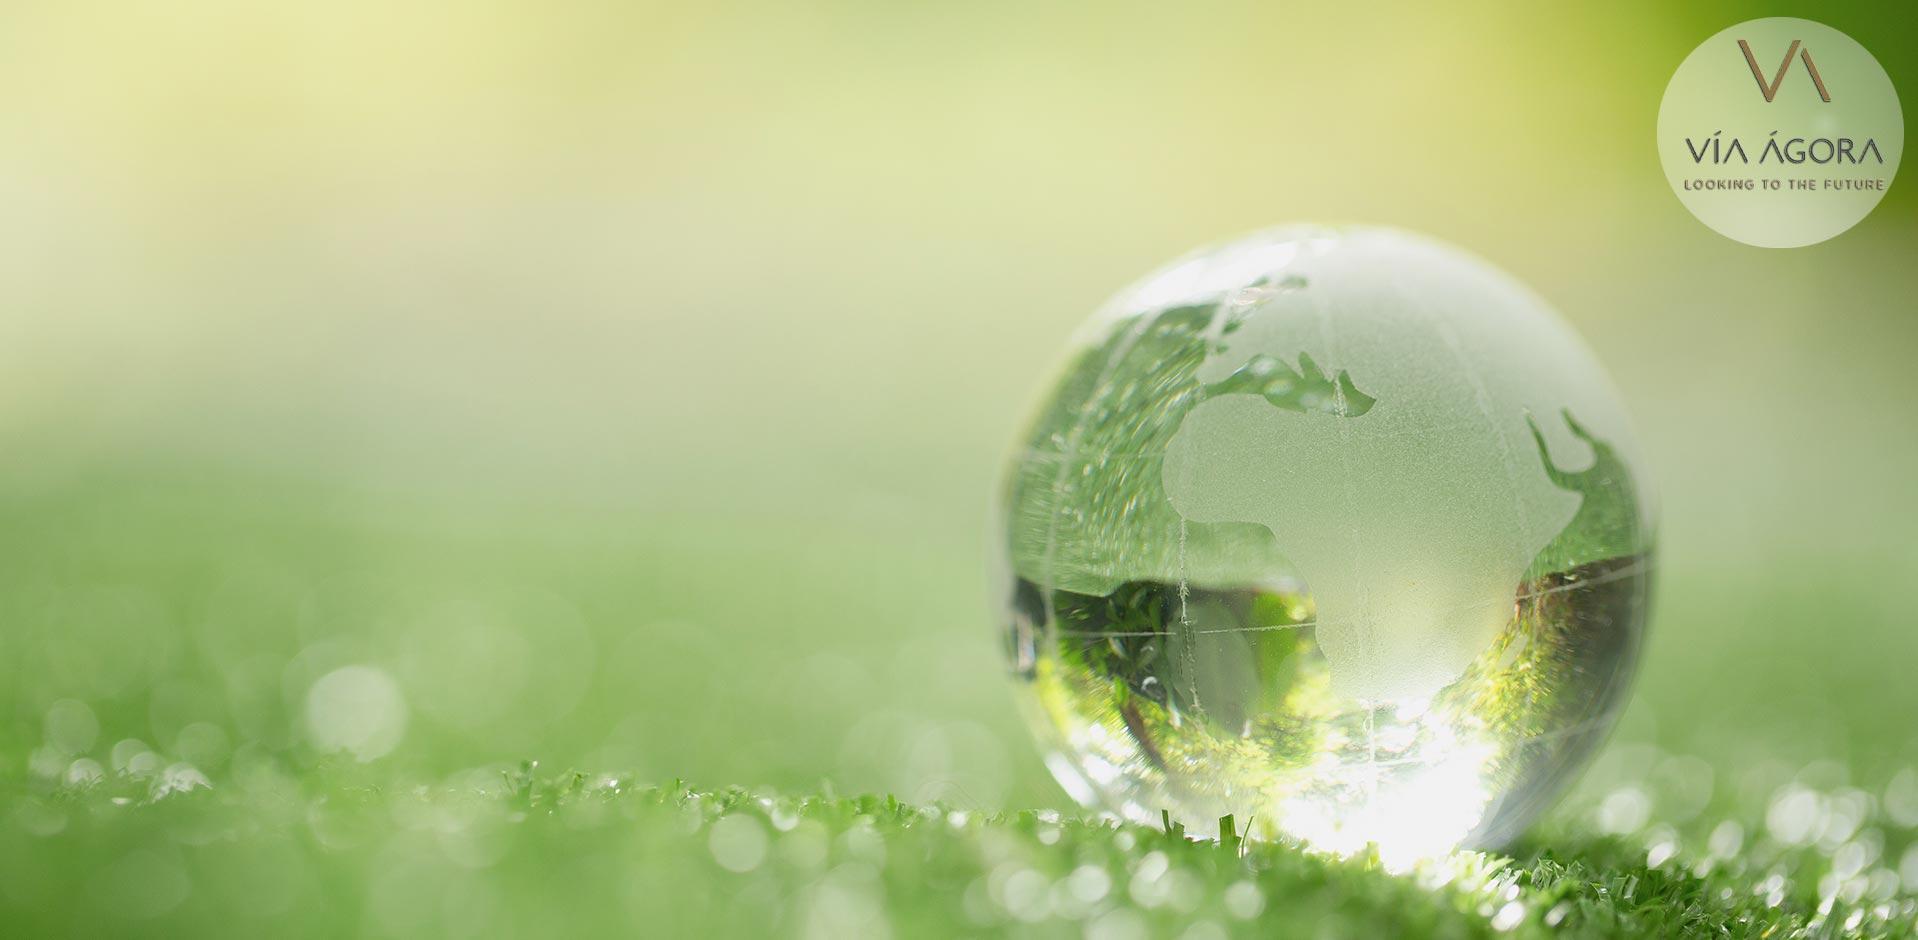 sostenibilidad-via-agora